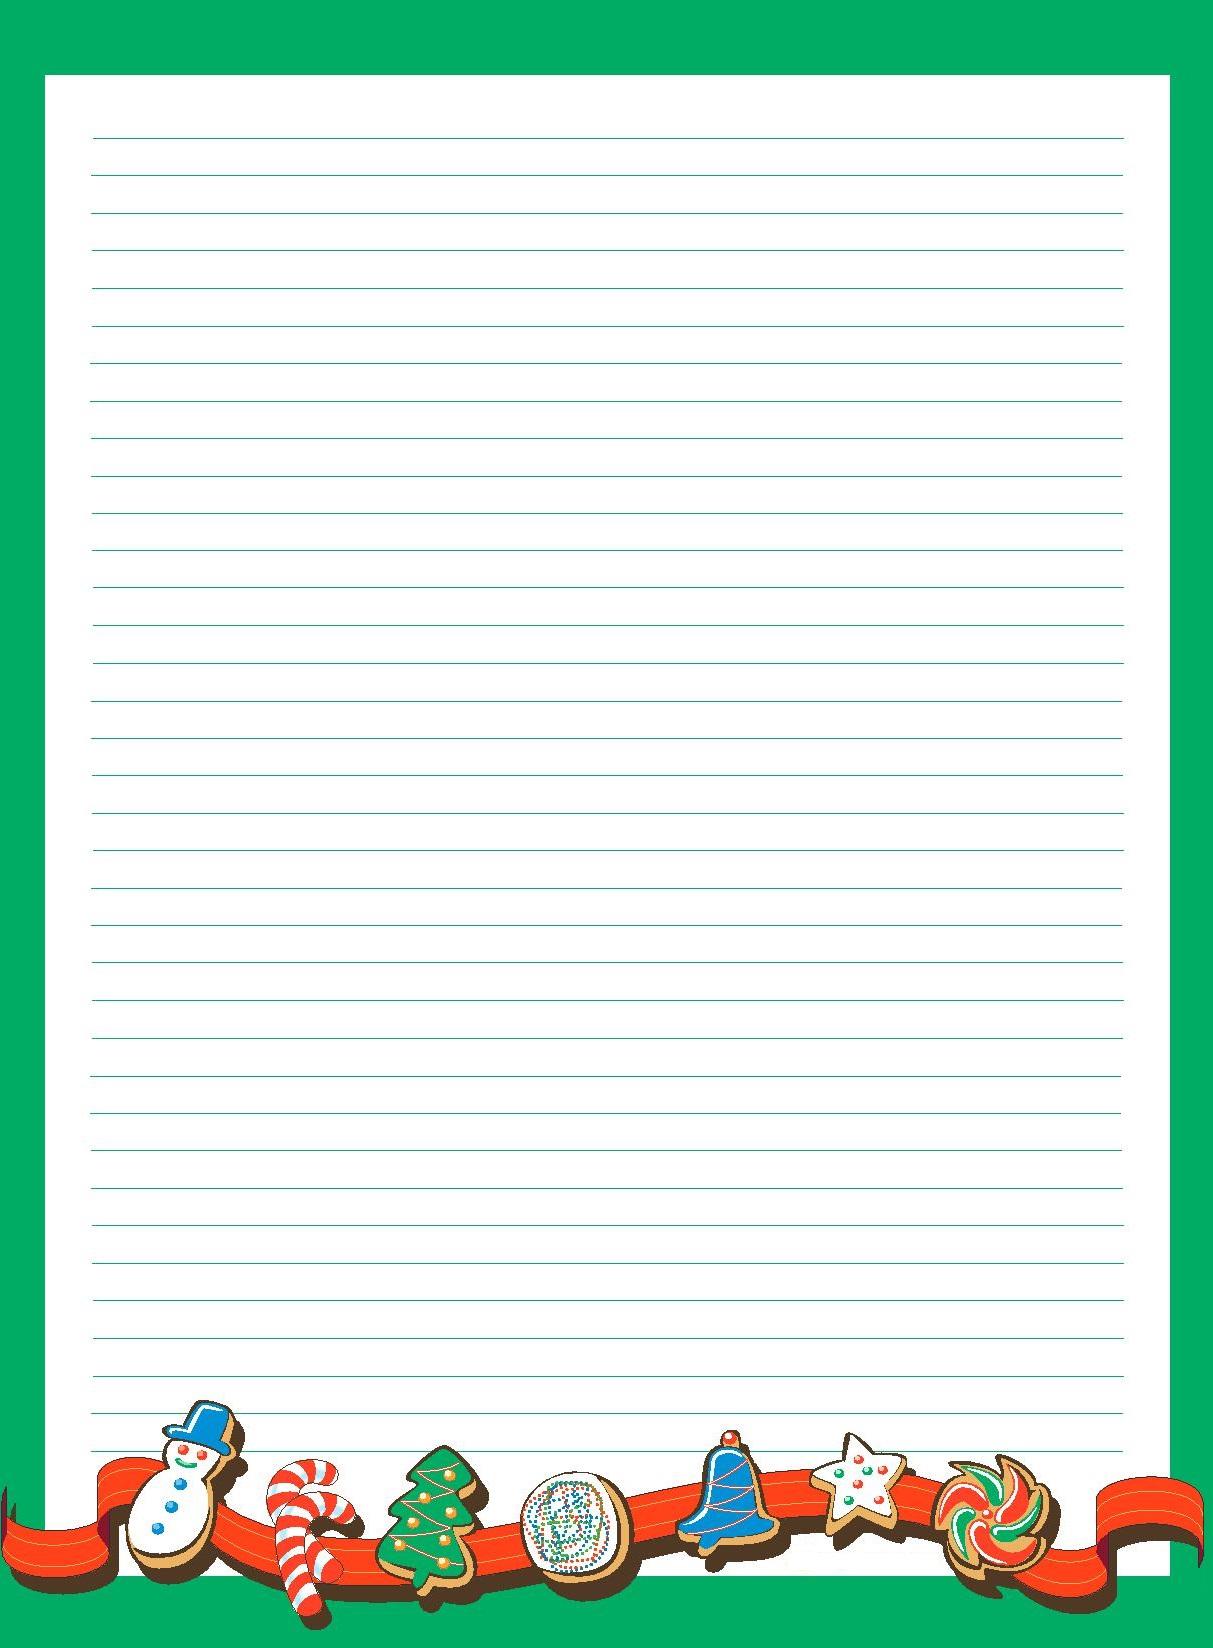 Papier À Lettre De Noël À Imprimer À La Maison Facilement encequiconcerne Ecrire Une Lettre Au Pere Noel 2020